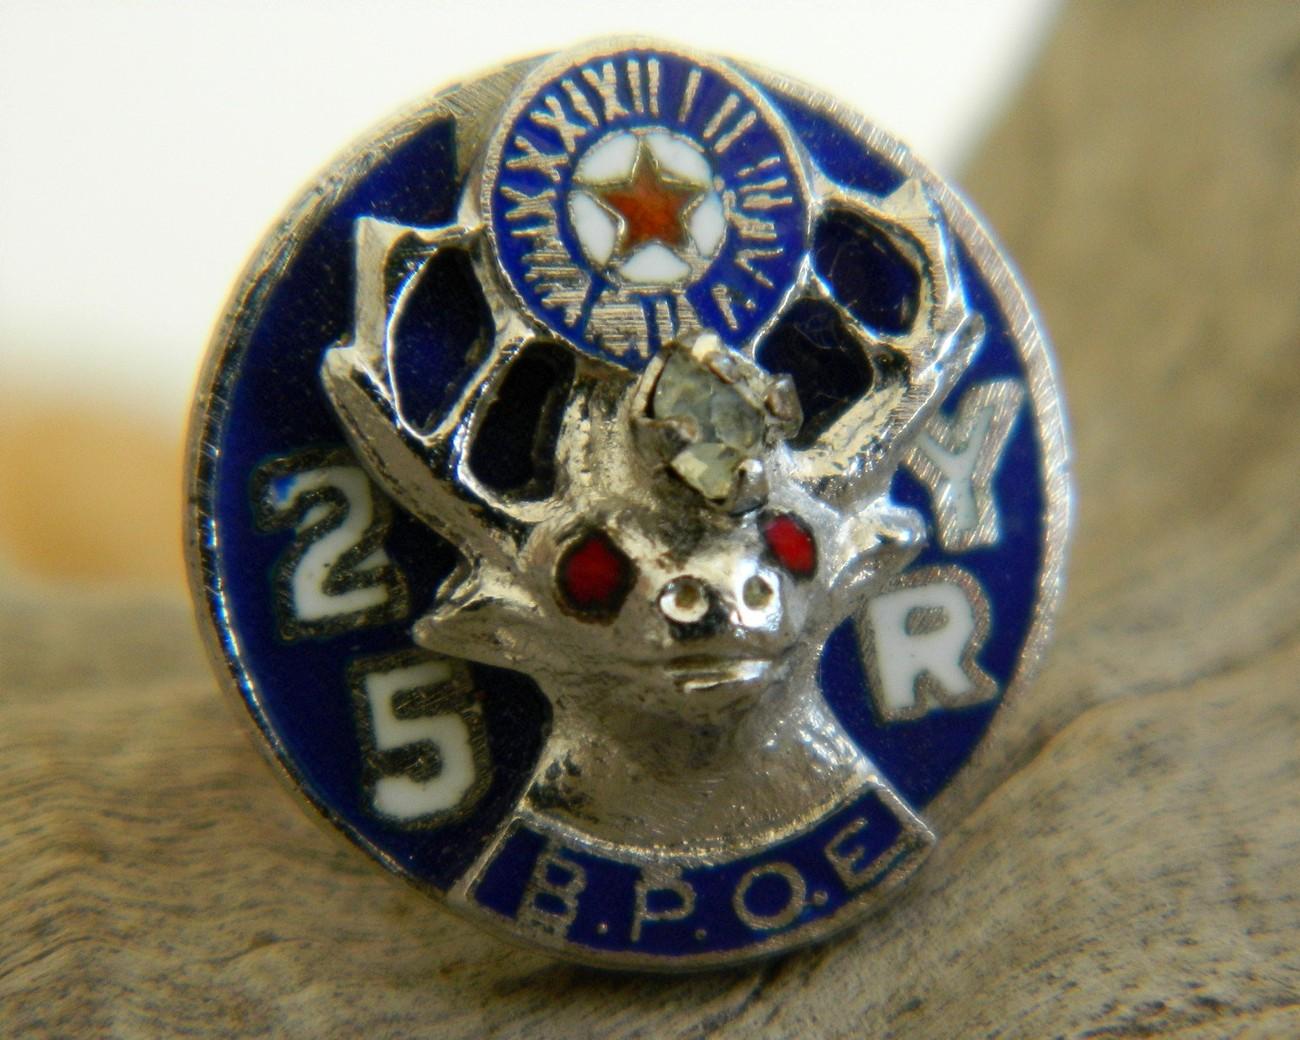 Vintage Elk BPOE 25 Yr Enamel Lapel Pin Membership Fraternal